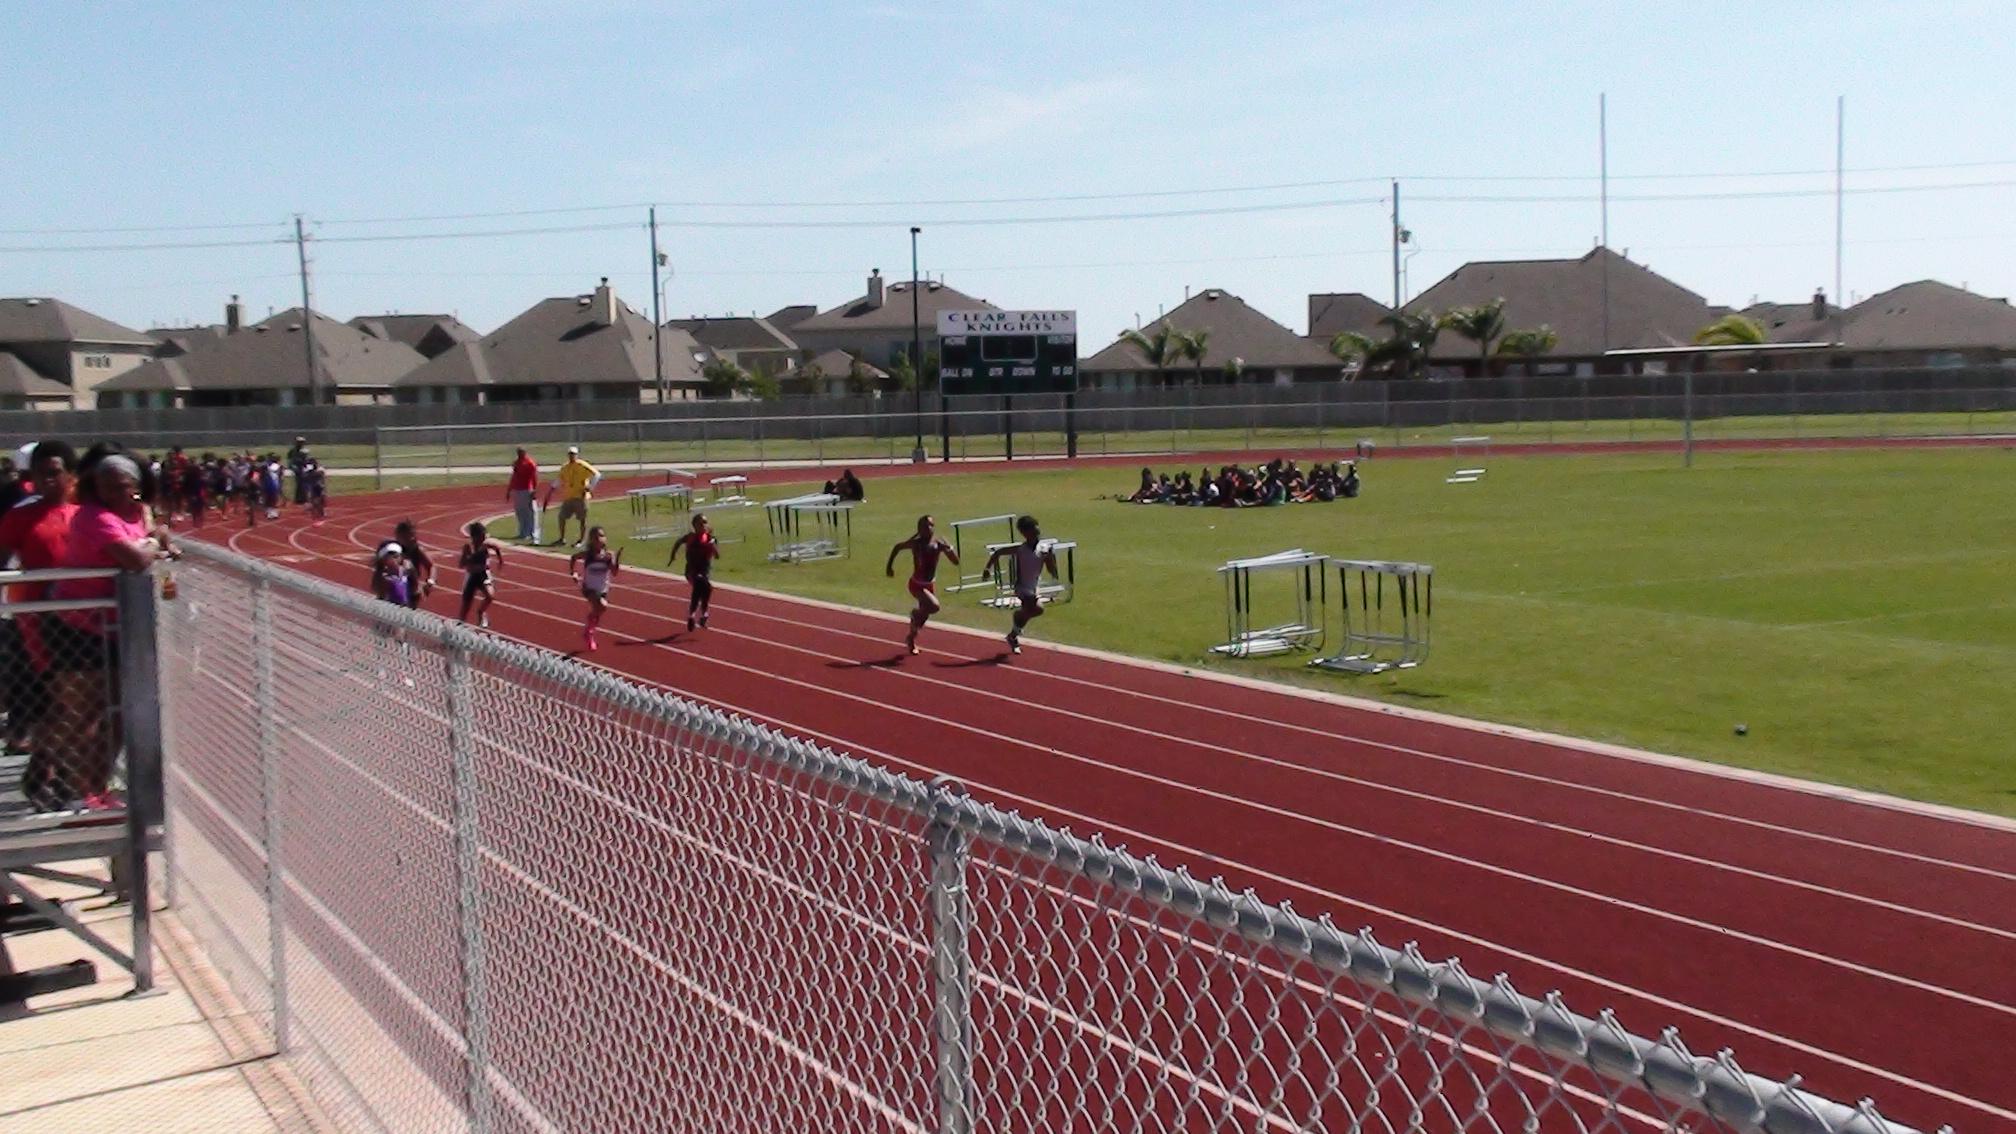 Anyssa running the 100m